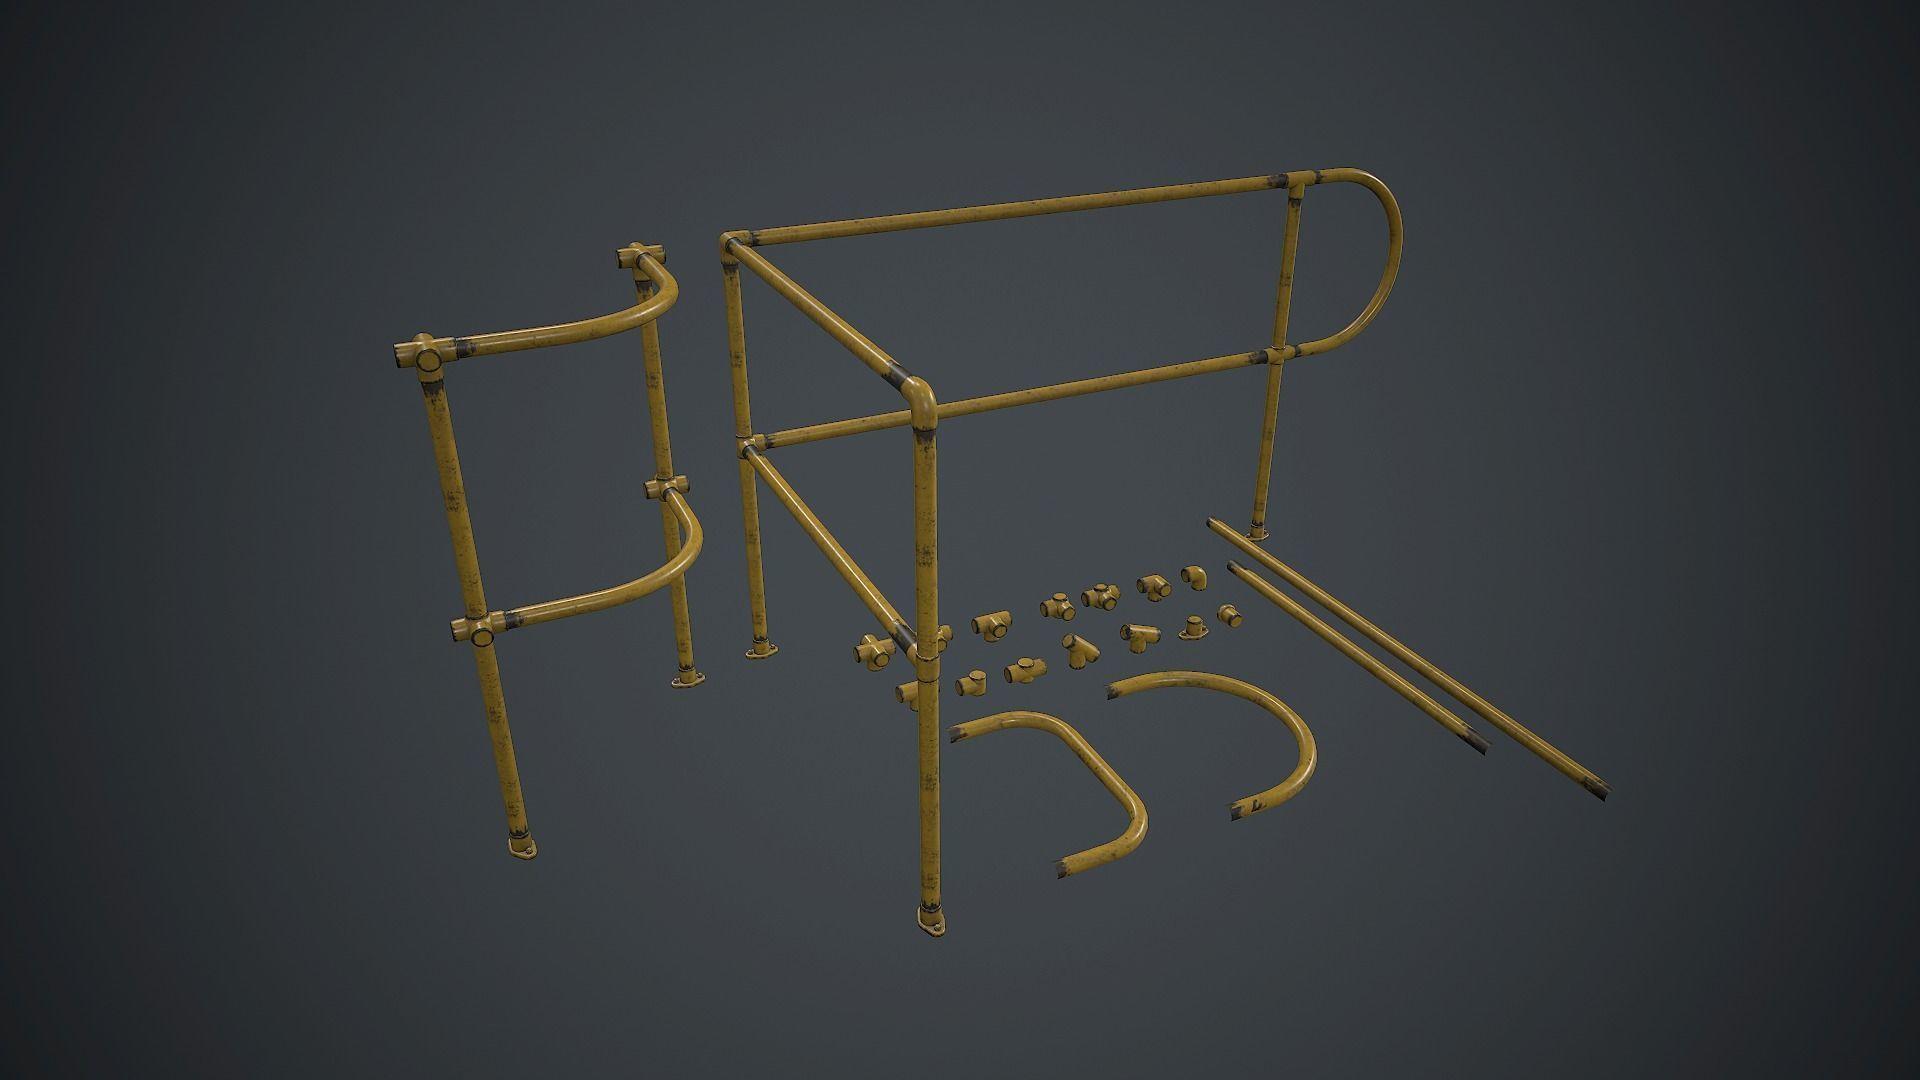 Modular Handrails PBR Game Ready